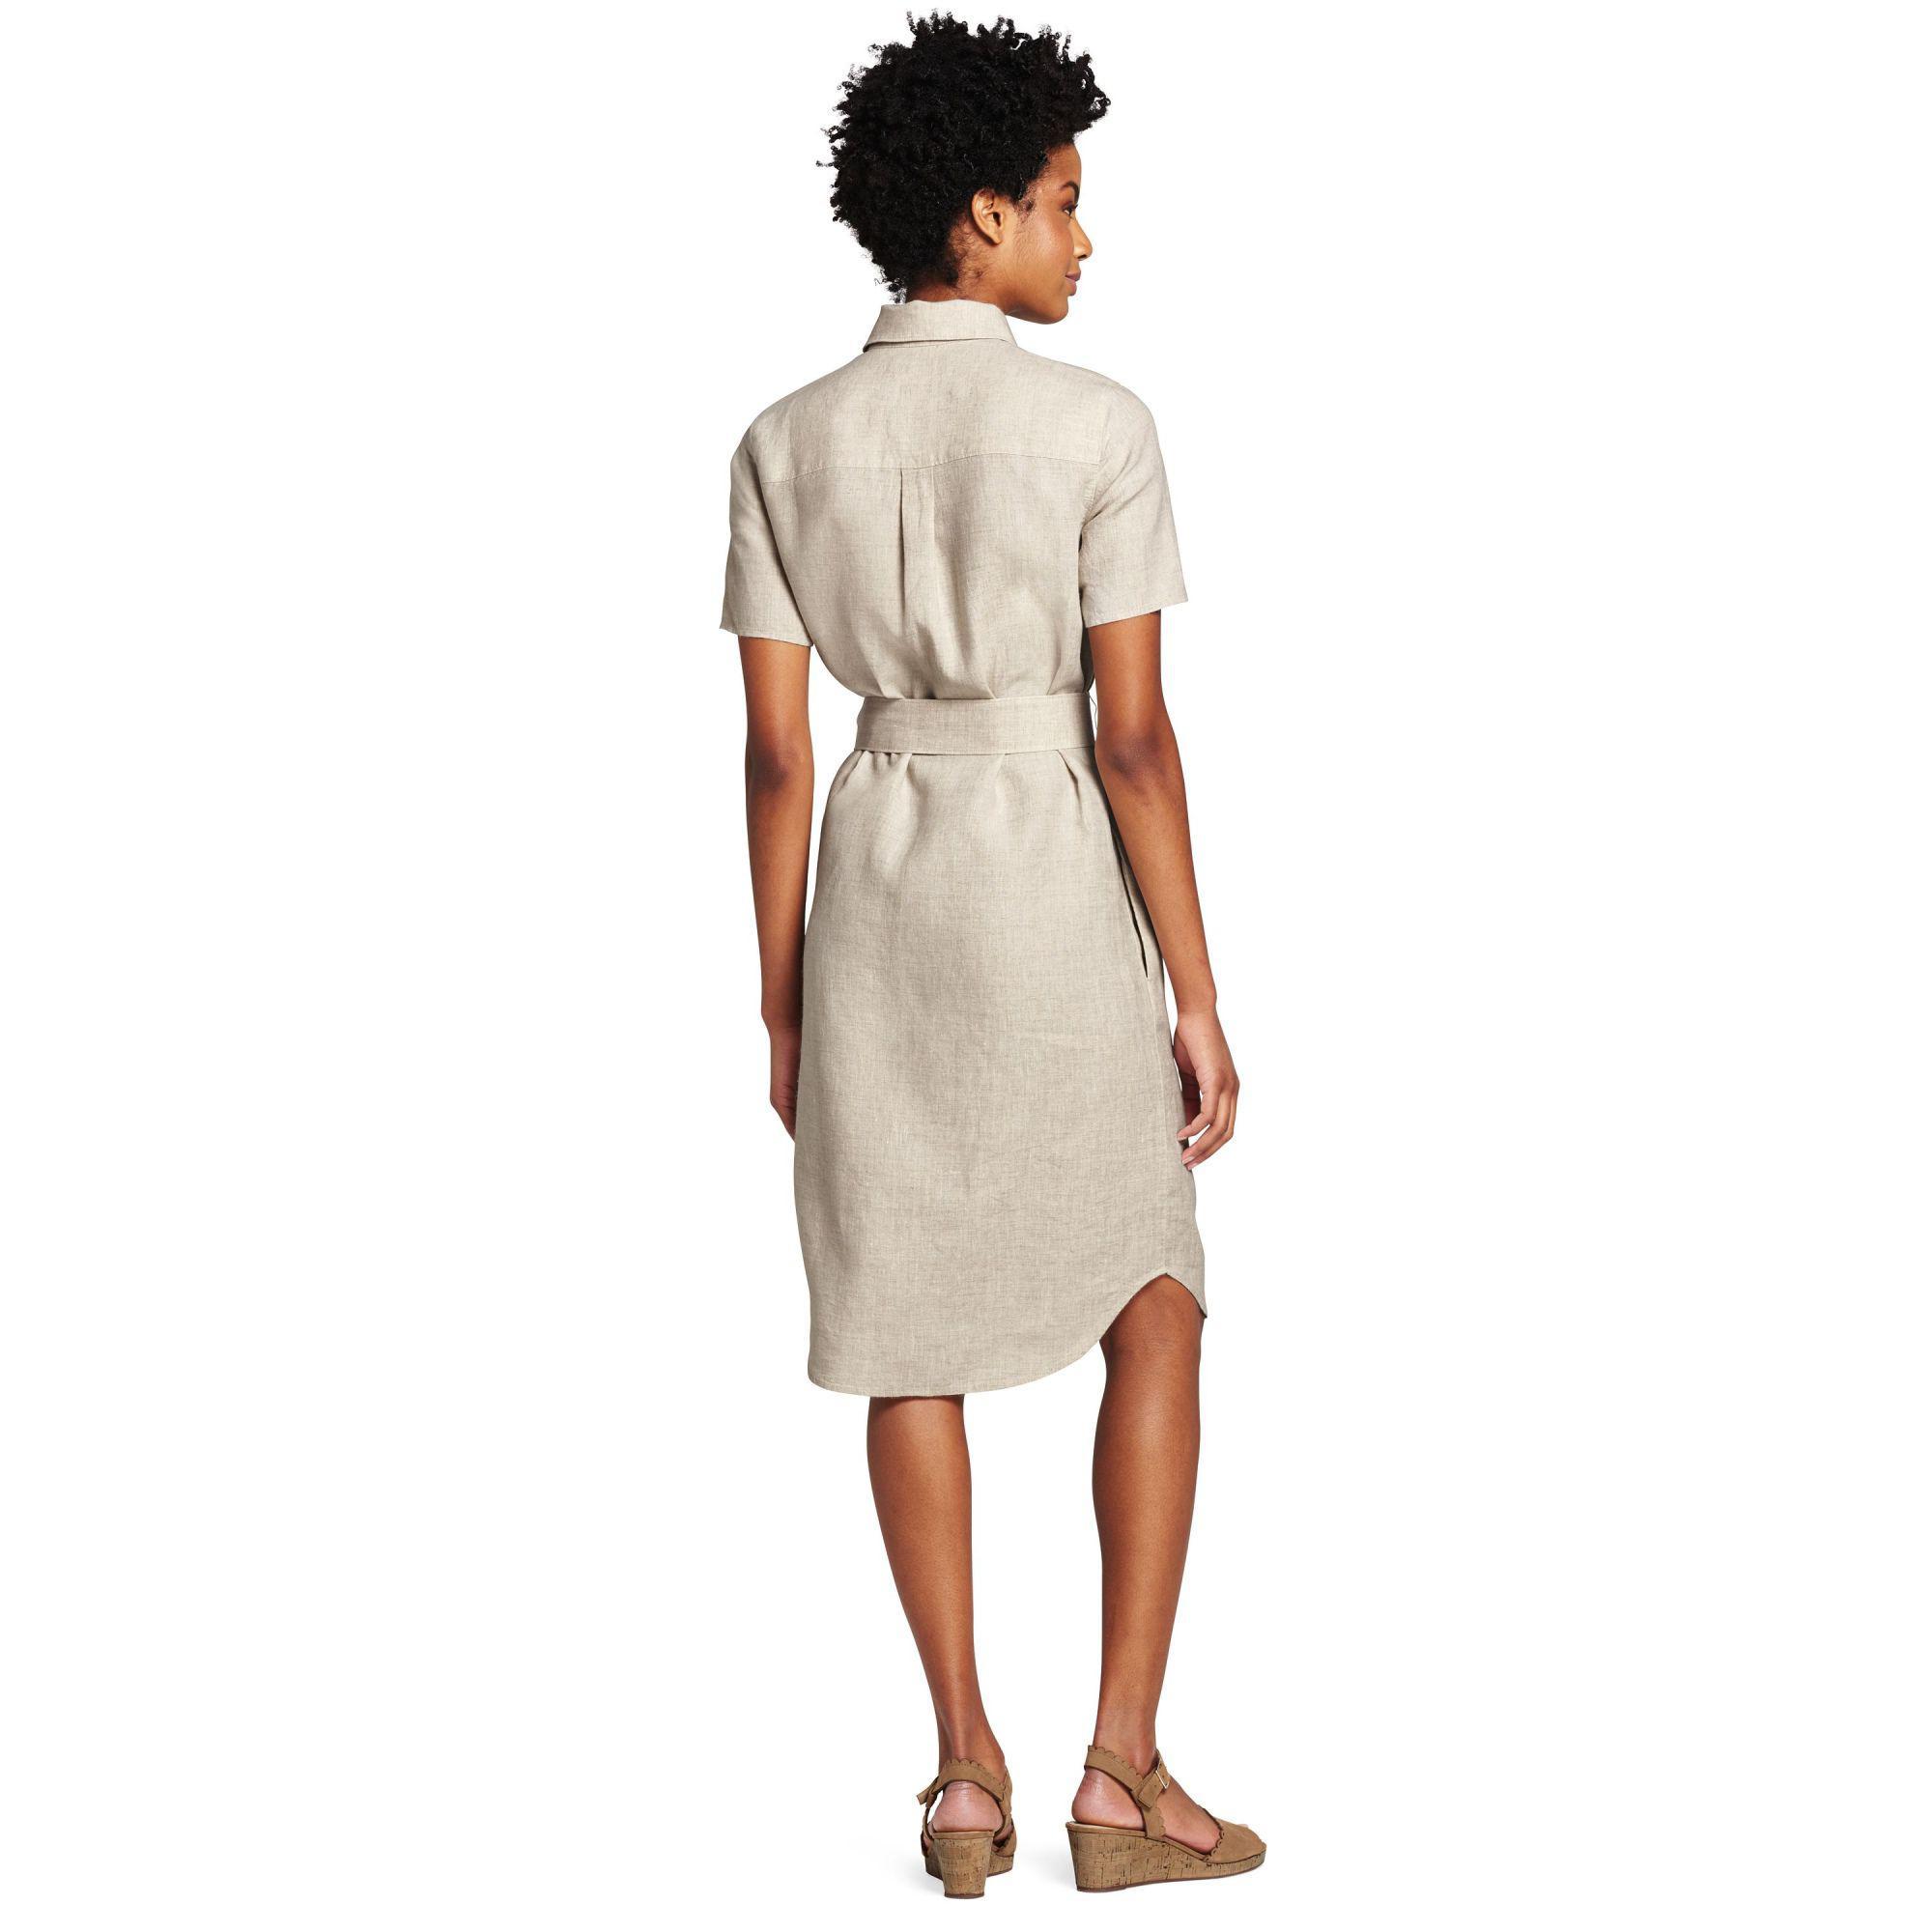 524c63d4488 Lands  End - Natural Beige Womens Utility Linen Shirt Dress - Lyst. View  fullscreen